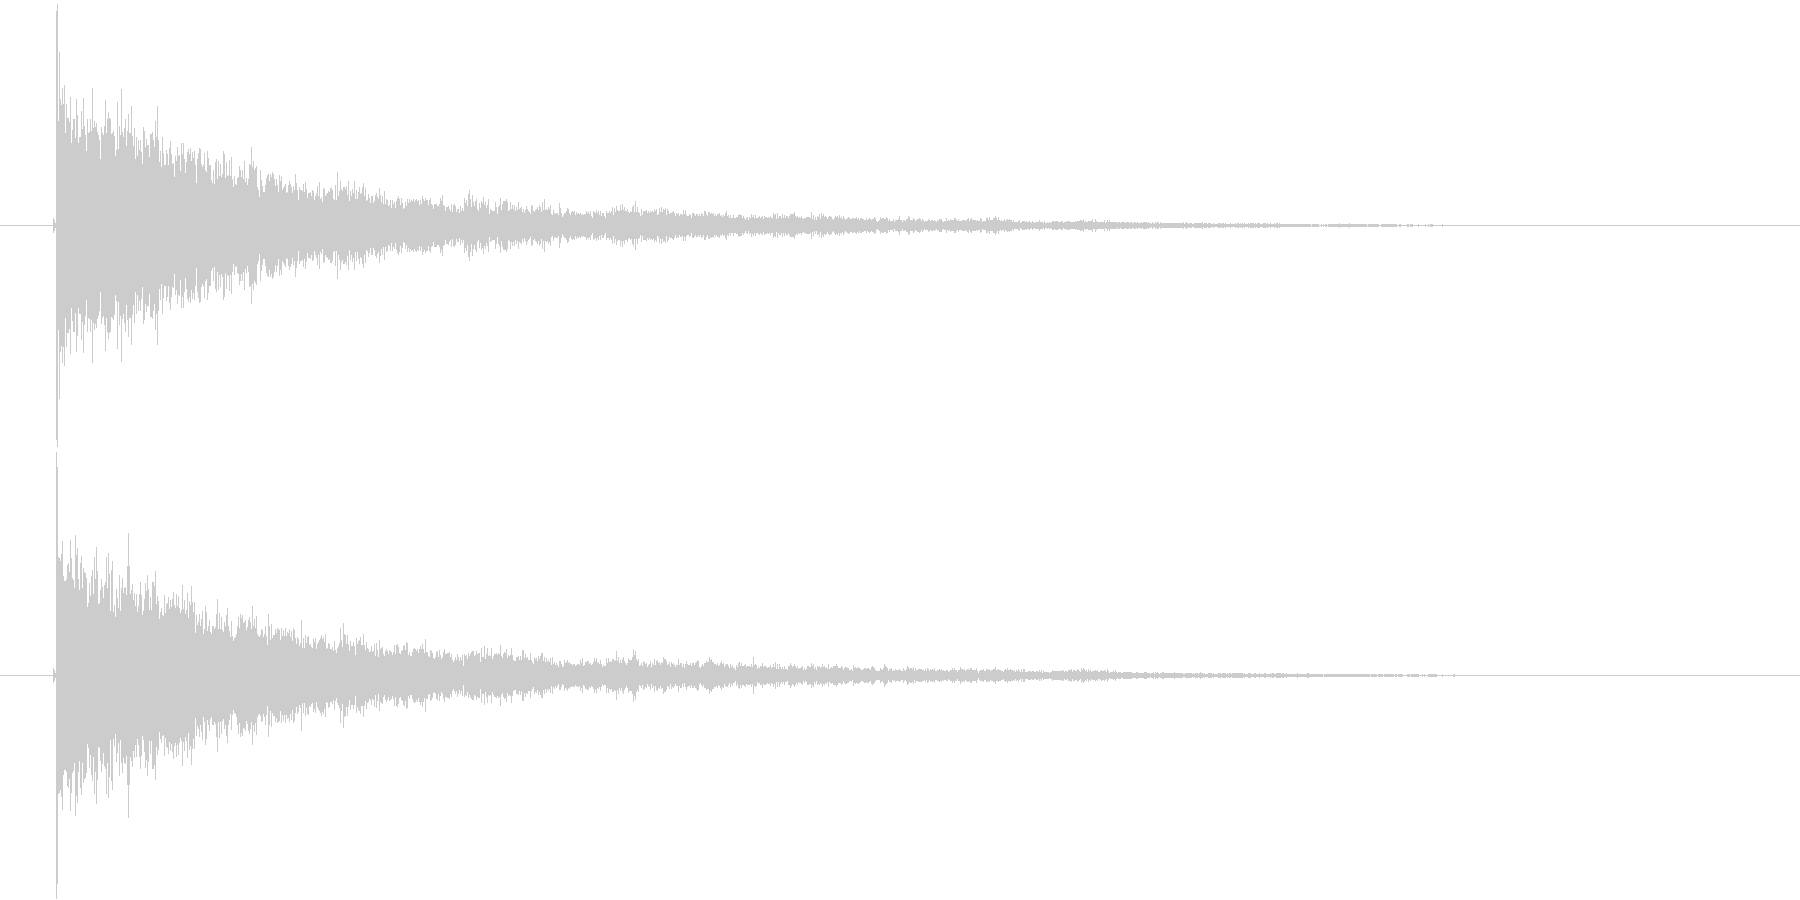 ガシャーン(割れる音、クラッシュ音)の未再生の波形